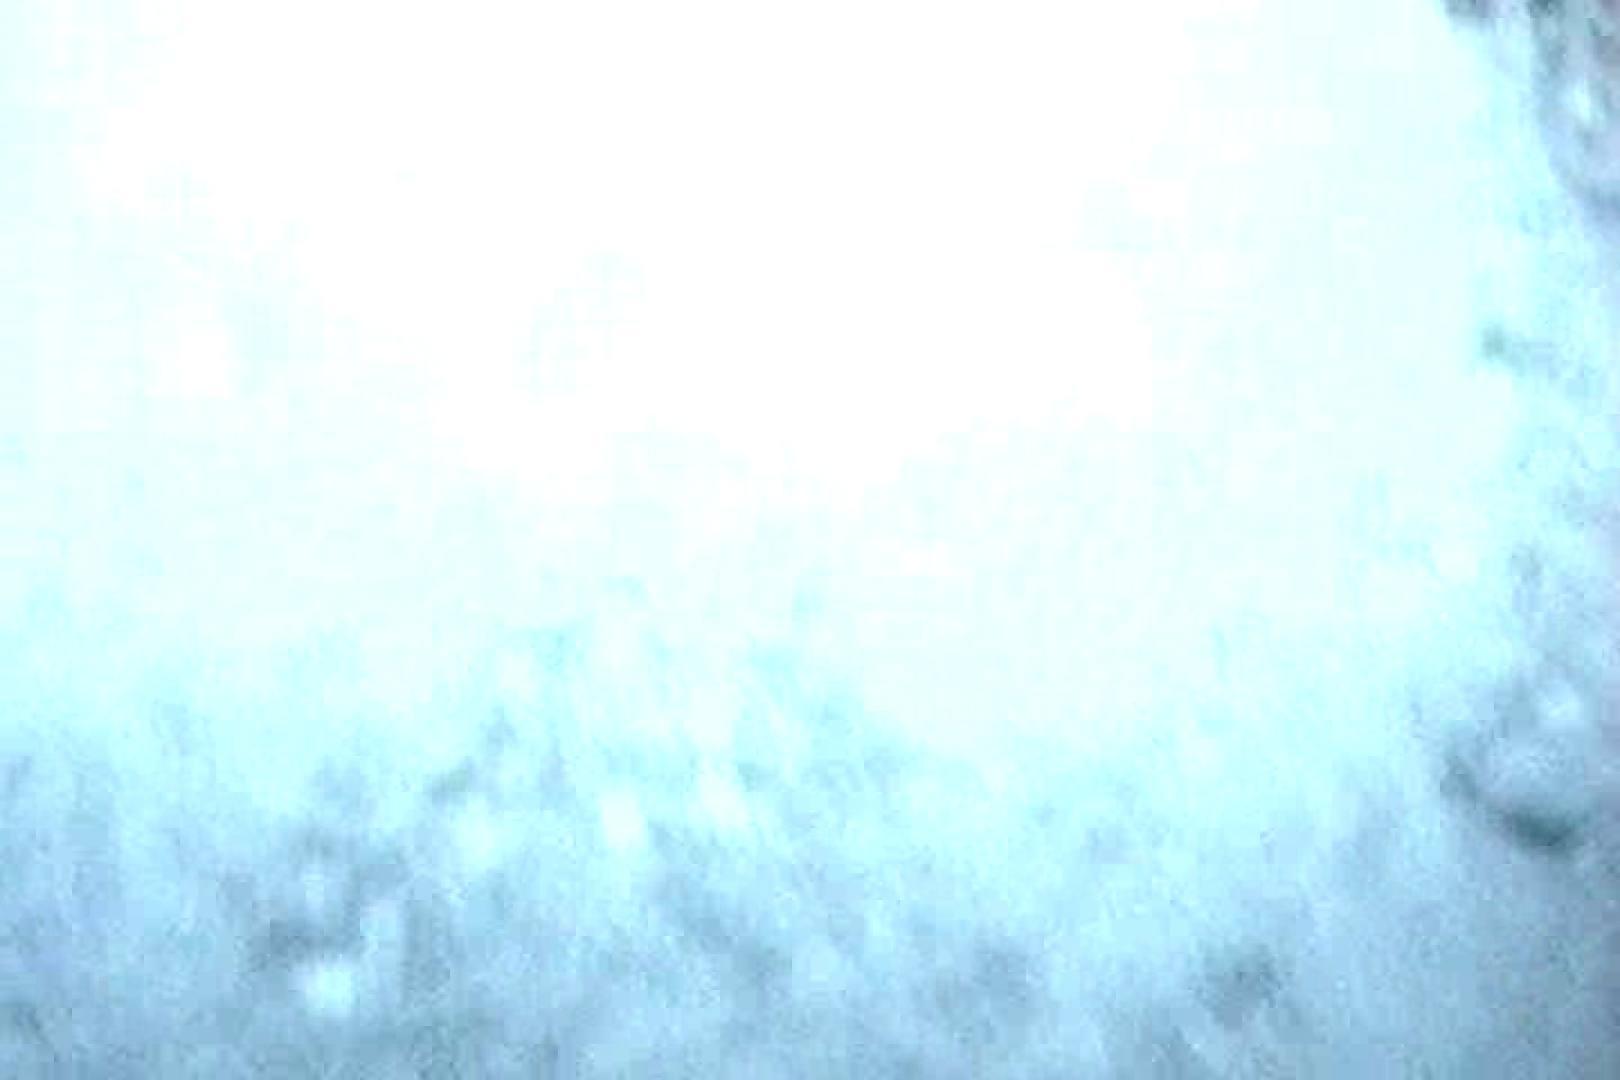 充血監督の深夜の運動会Vol.21 カップルもろsex おめこ無修正動画無料 45PICs 33